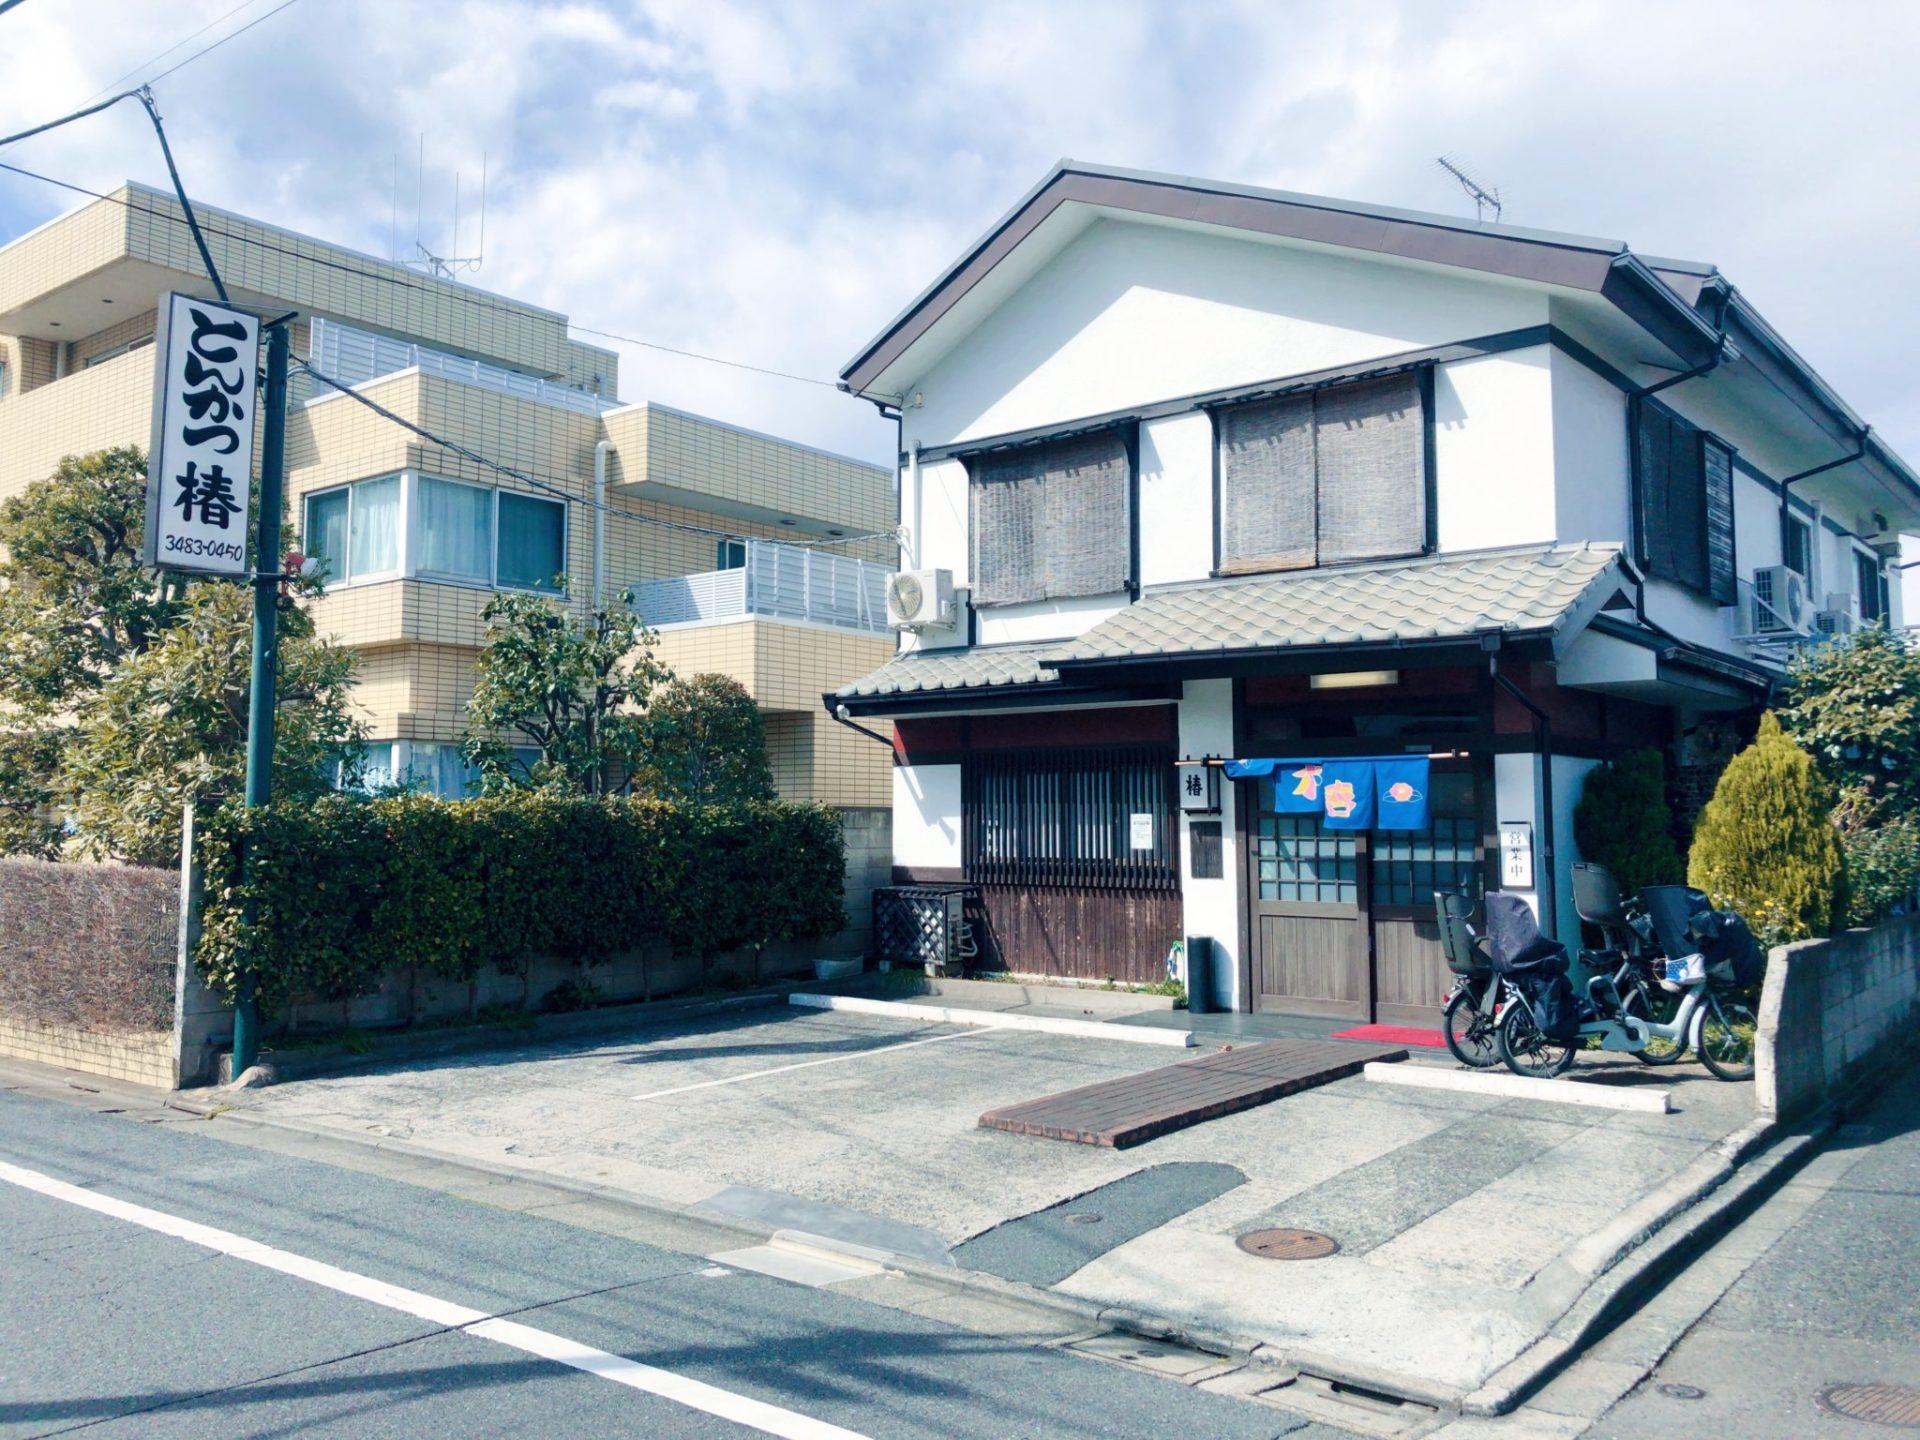 とんかつ椿 成城の外観・駐車場